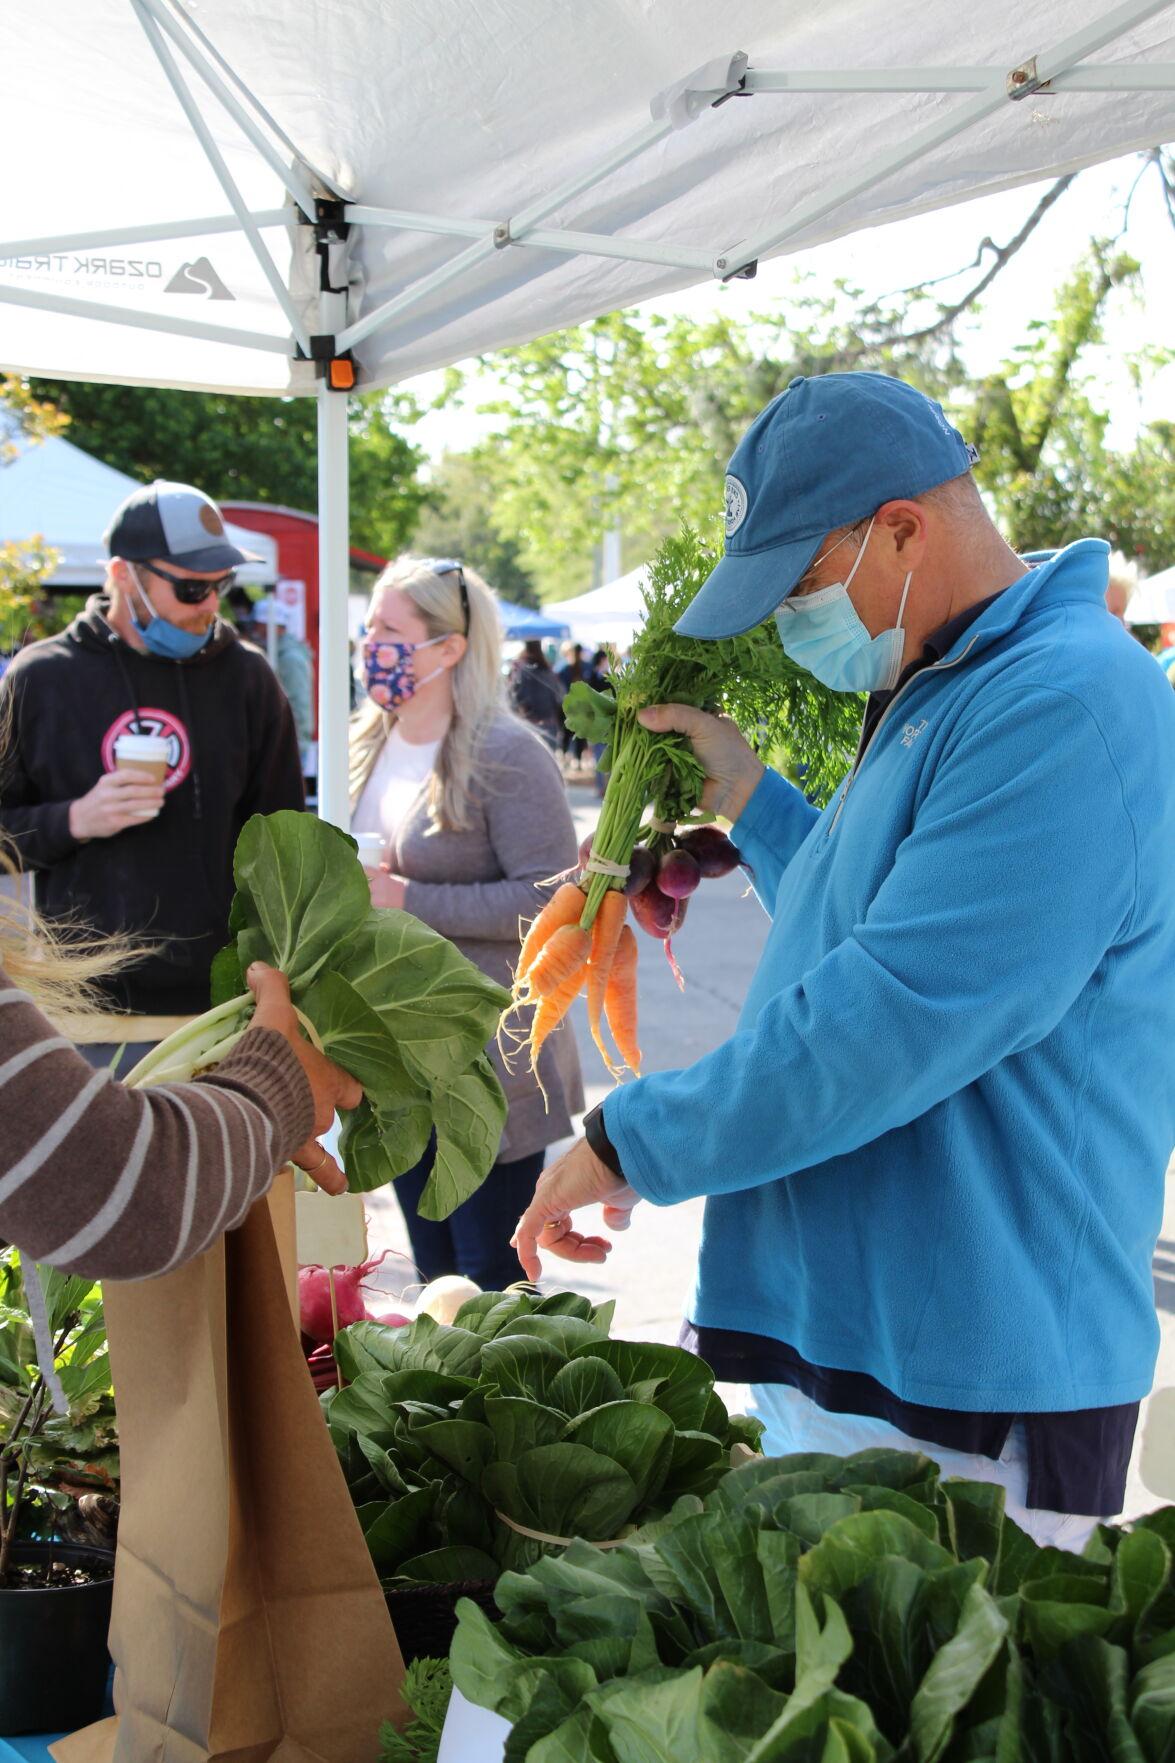 GALLERY: Olde Beaufort Farmers' Market opens for 2021 season